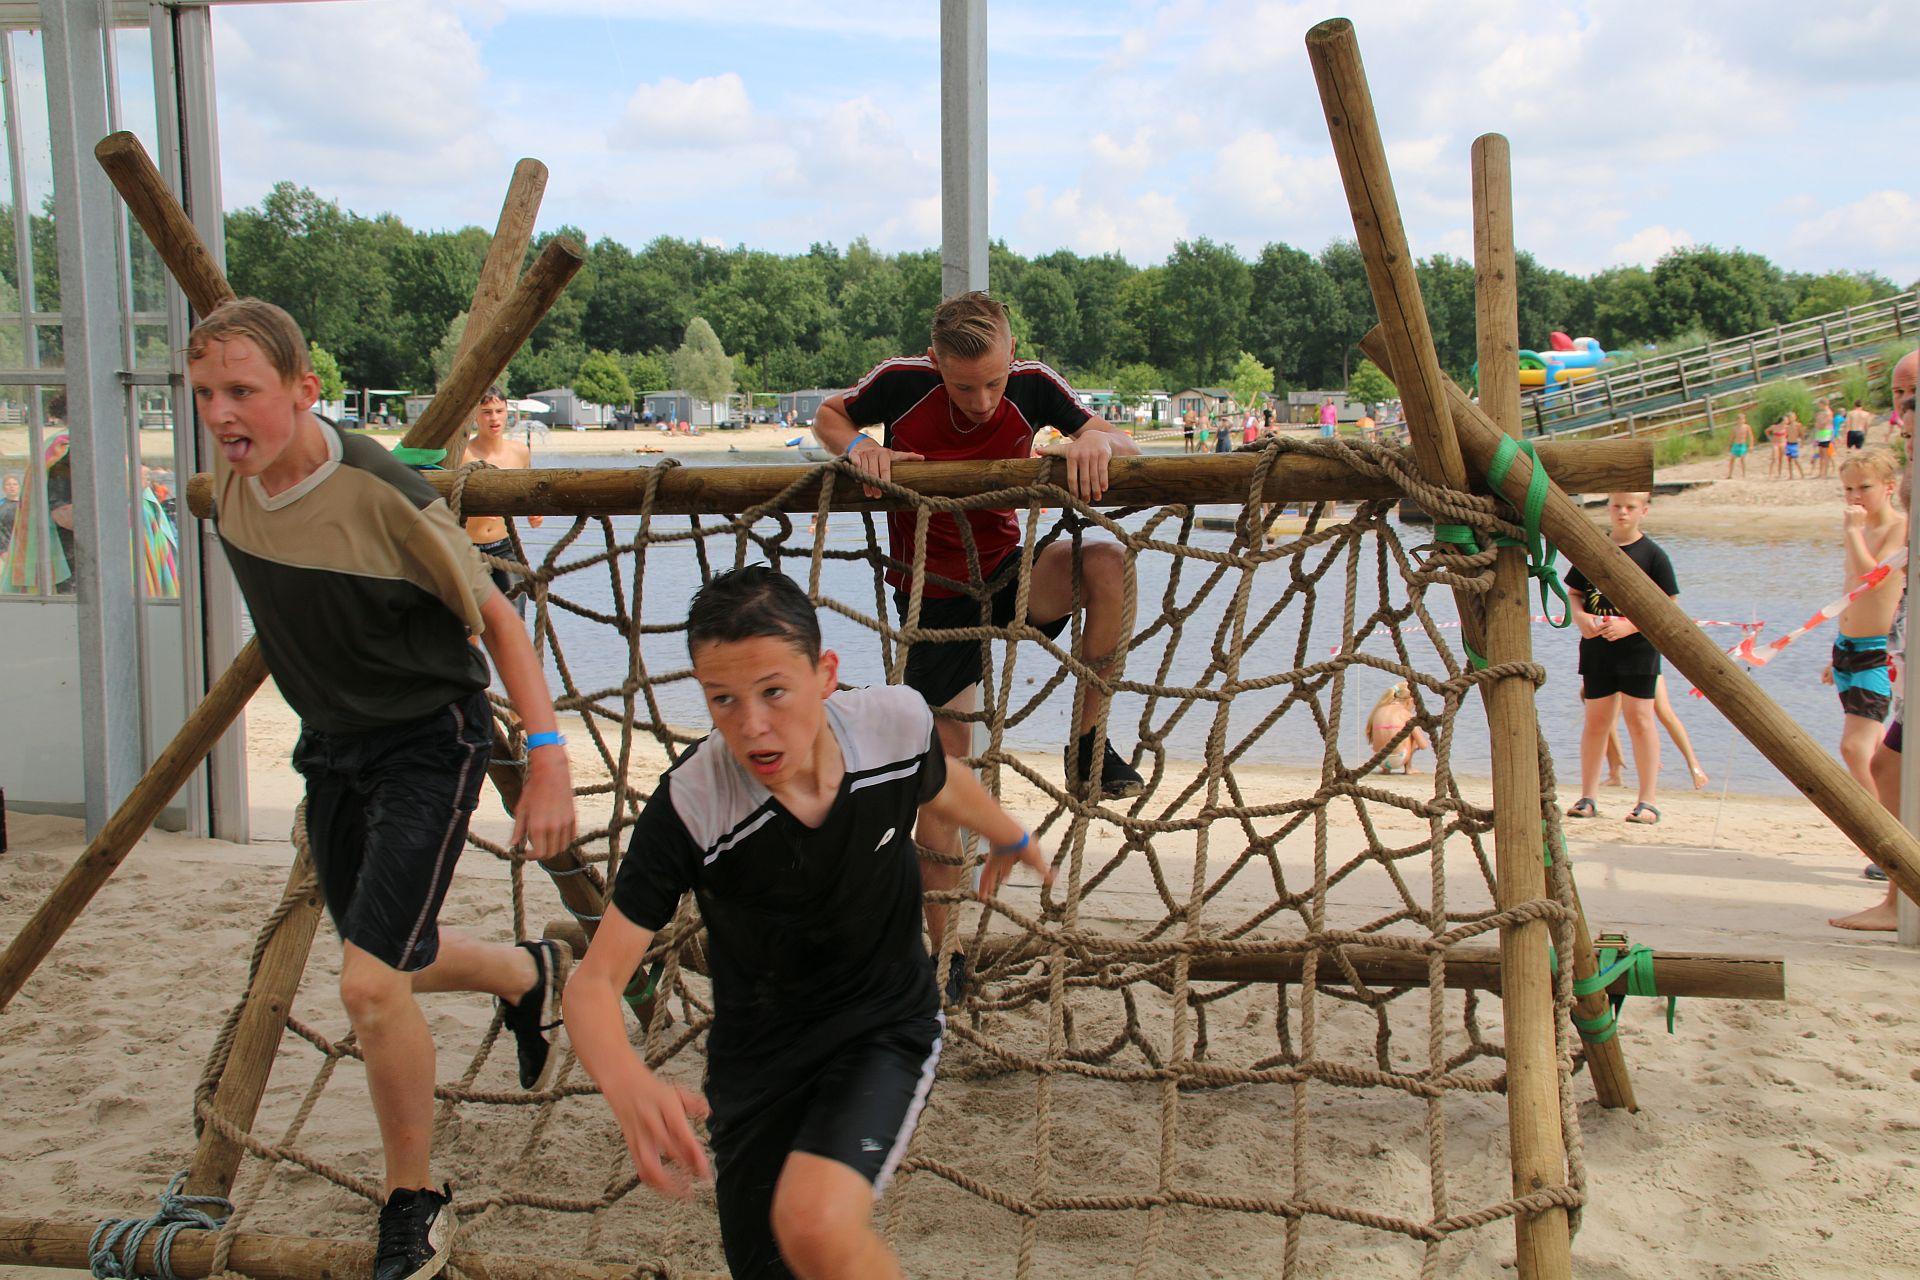 Schoolreisje Overijssel in onze Happy Fun Beach - Schoolreisje Overijssel NL